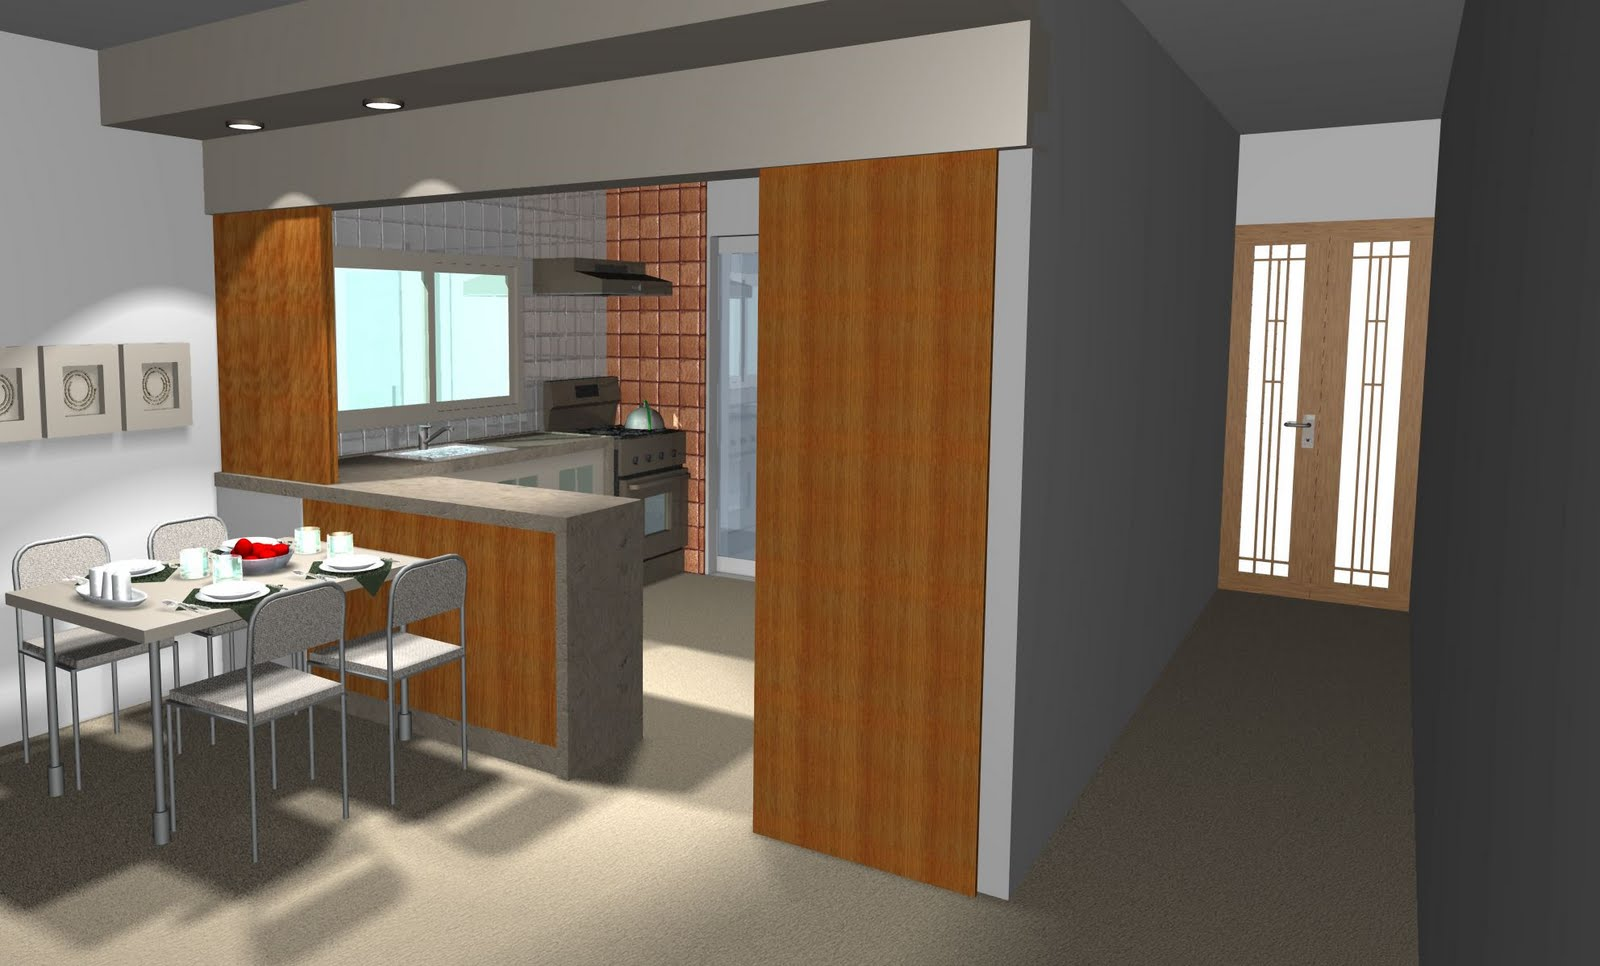 dentro da cozinha e colocação de uma mesa pequena para quatro ou  #79481E 1600 966